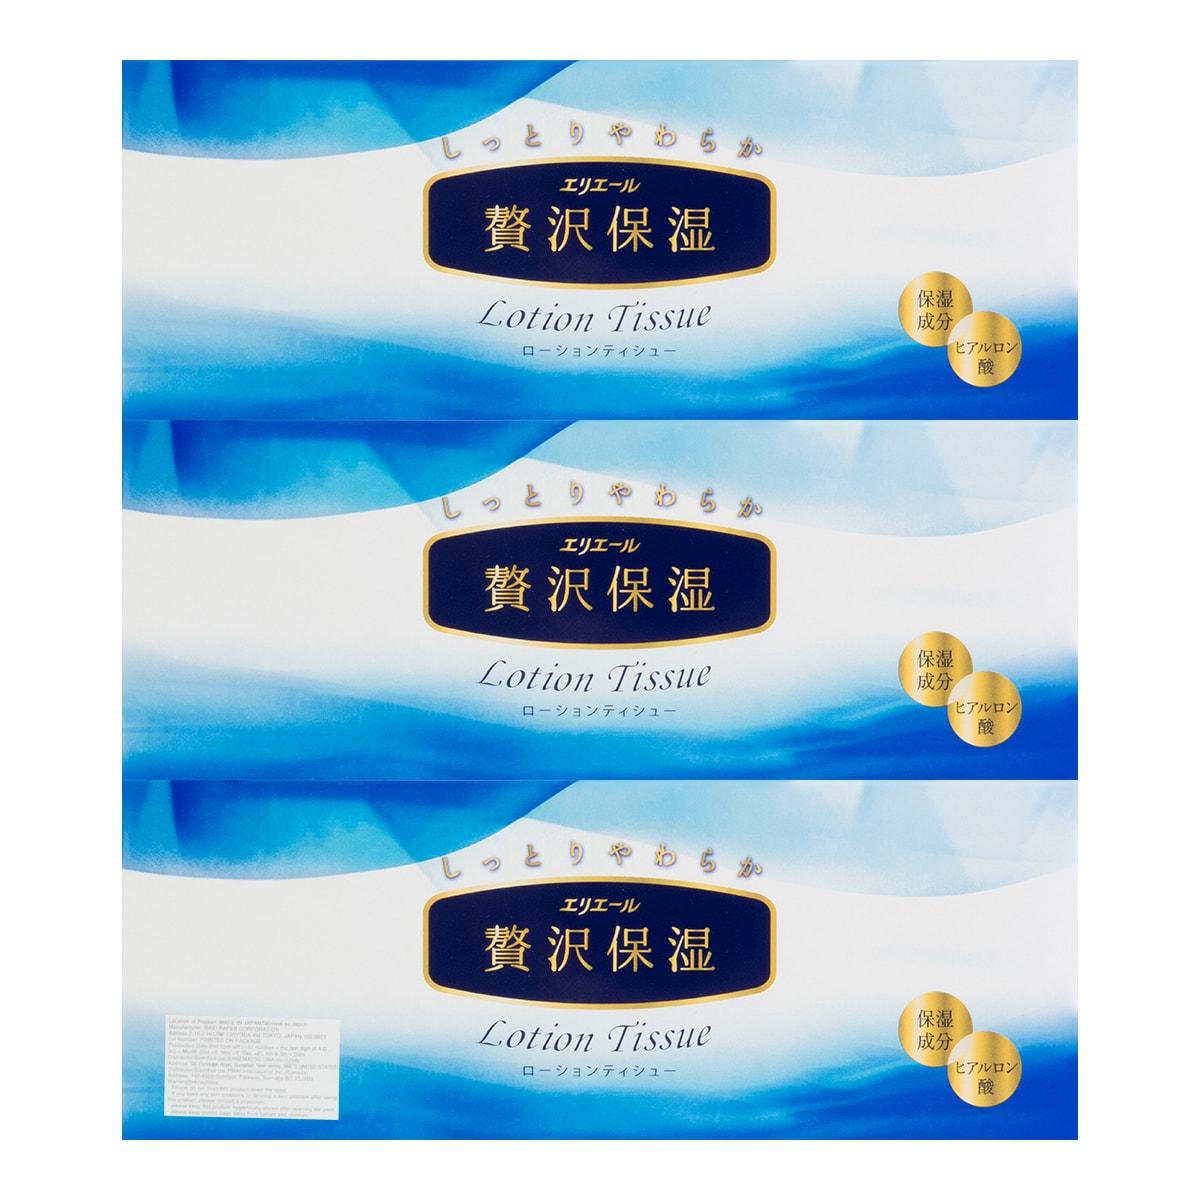 日本ELLEAIR 奢华保湿 超柔软保湿抽取式纸巾 3盒装